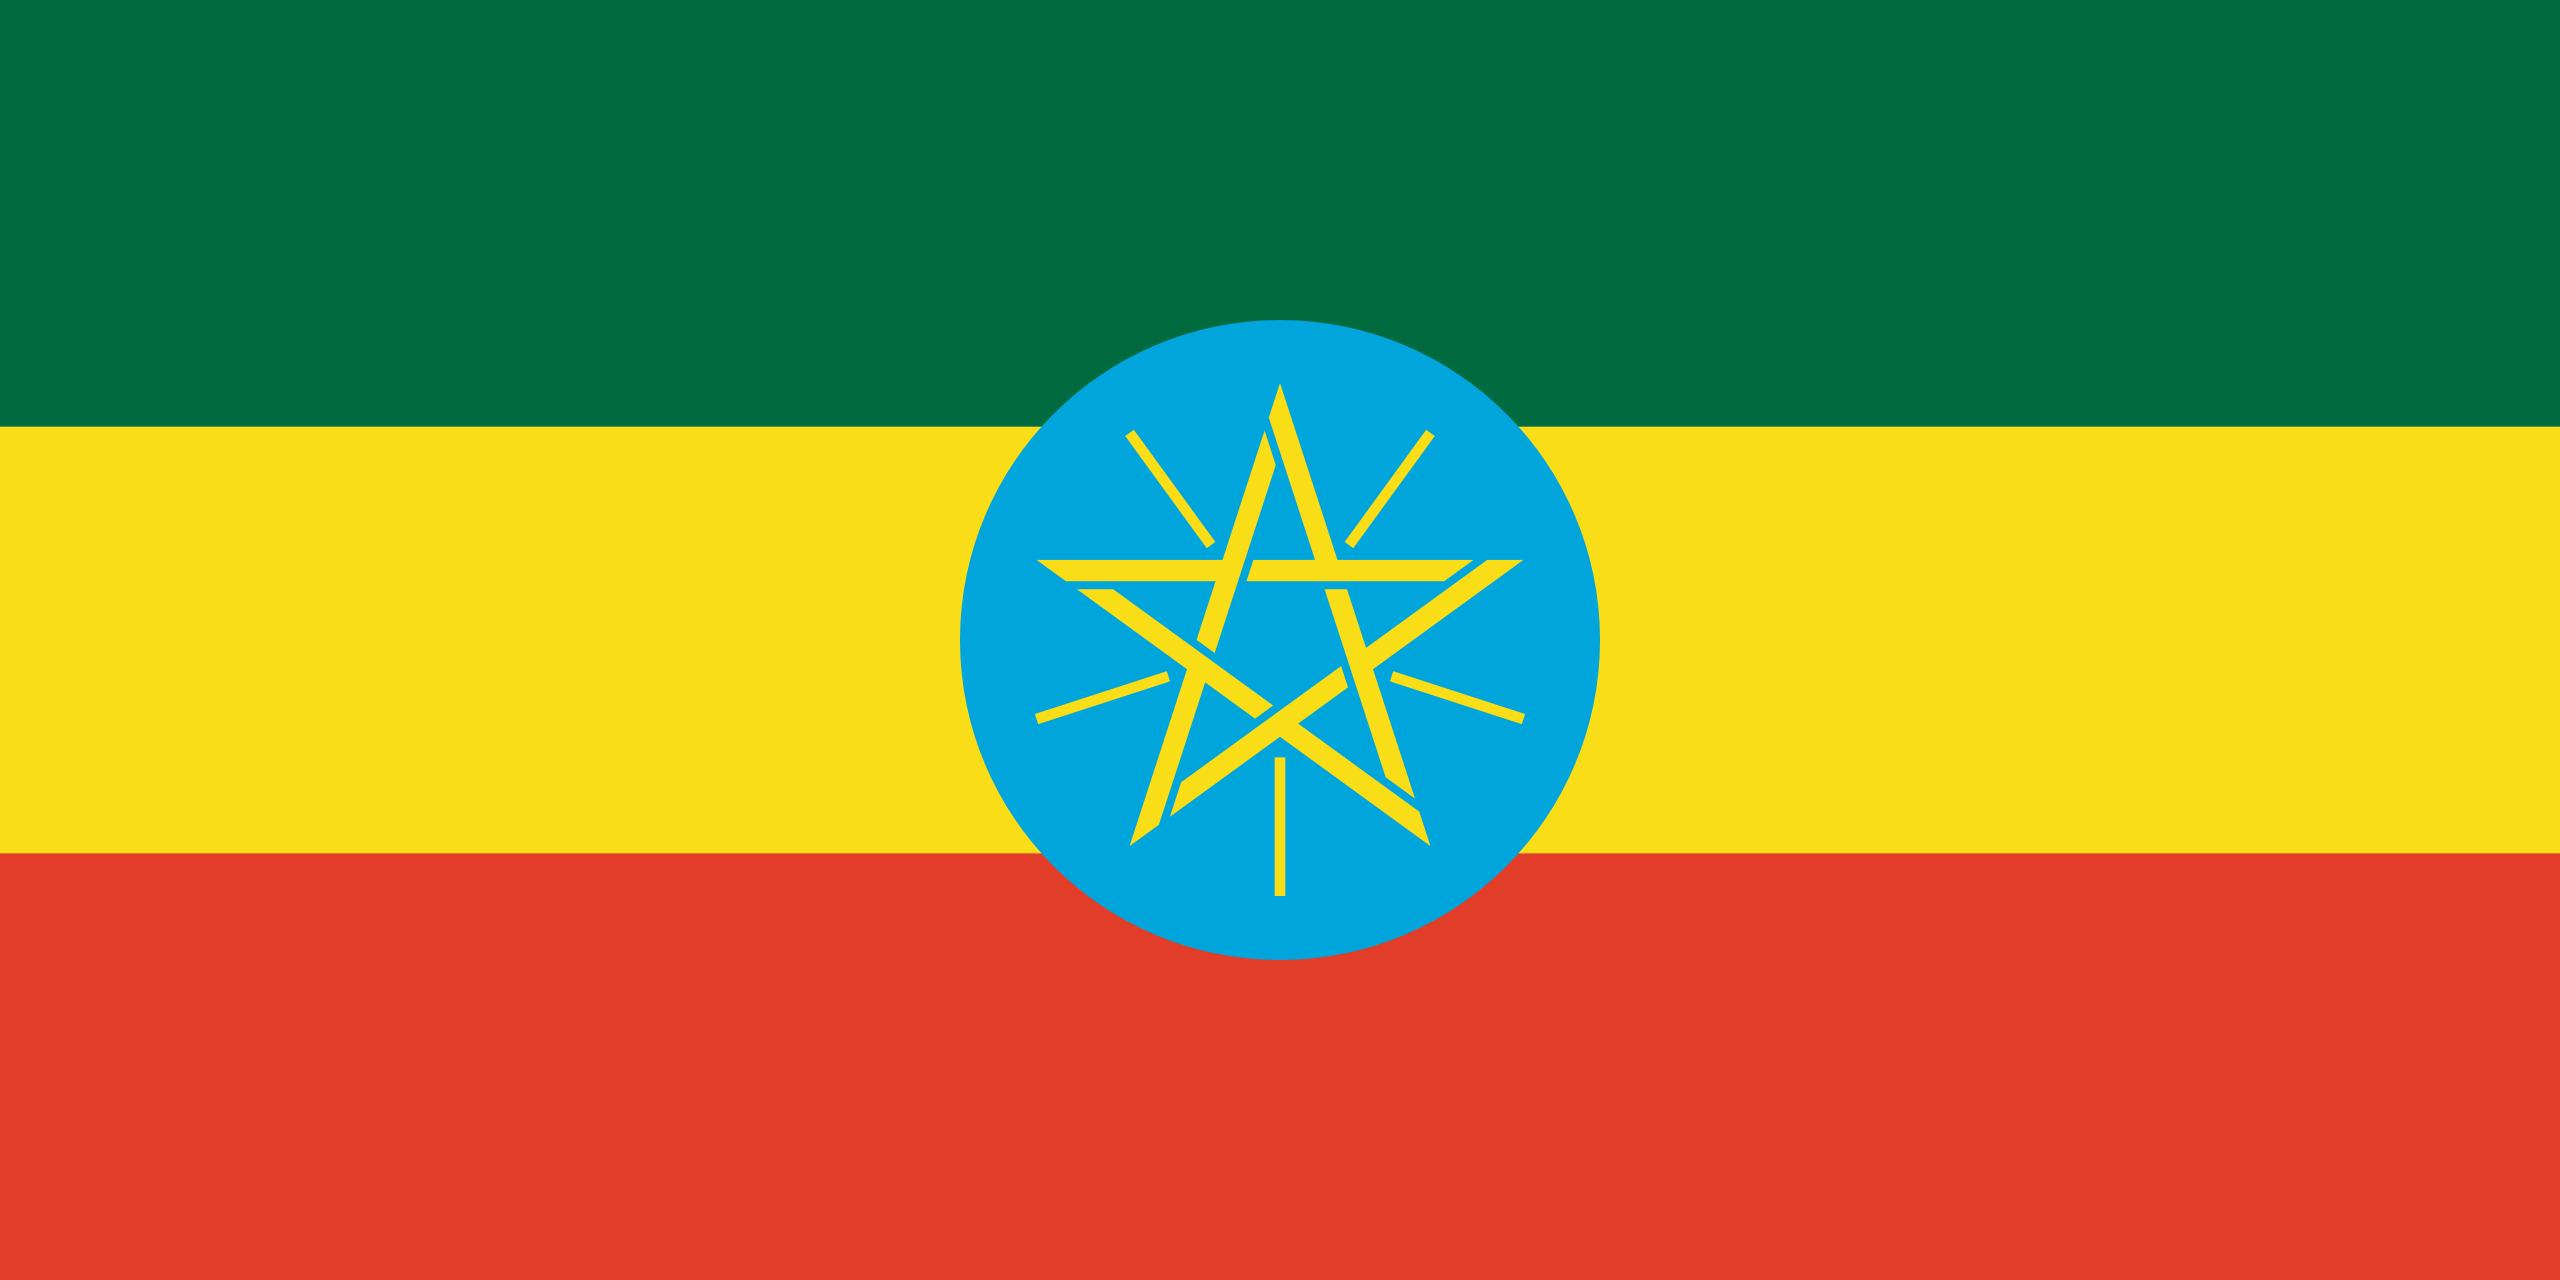 Flag of Ethiopia